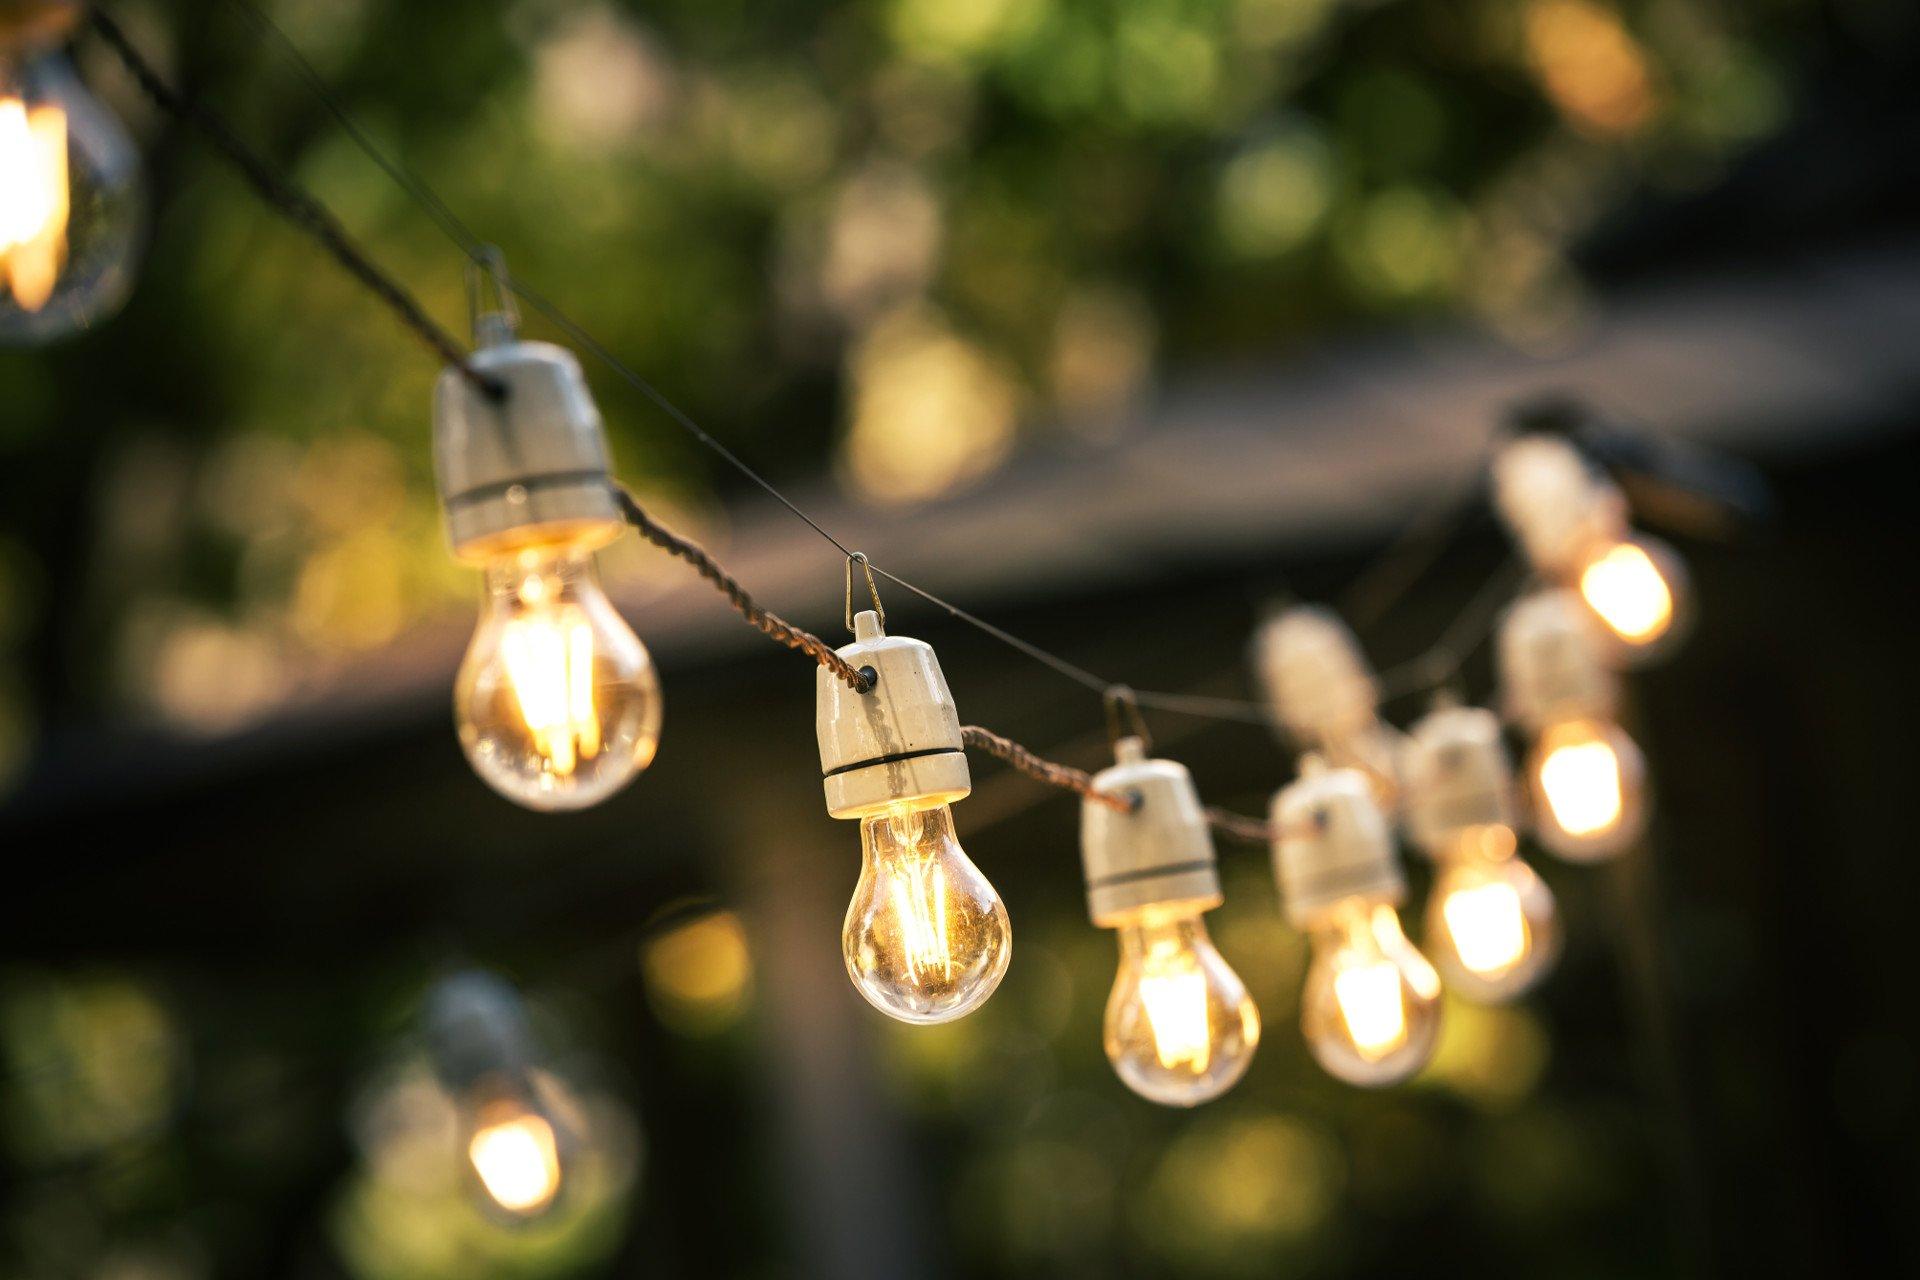 Ogród na wiosnę_Oświetlenie ogrodu_Sznury lampek ogrodowych_w tle zamazany ogród